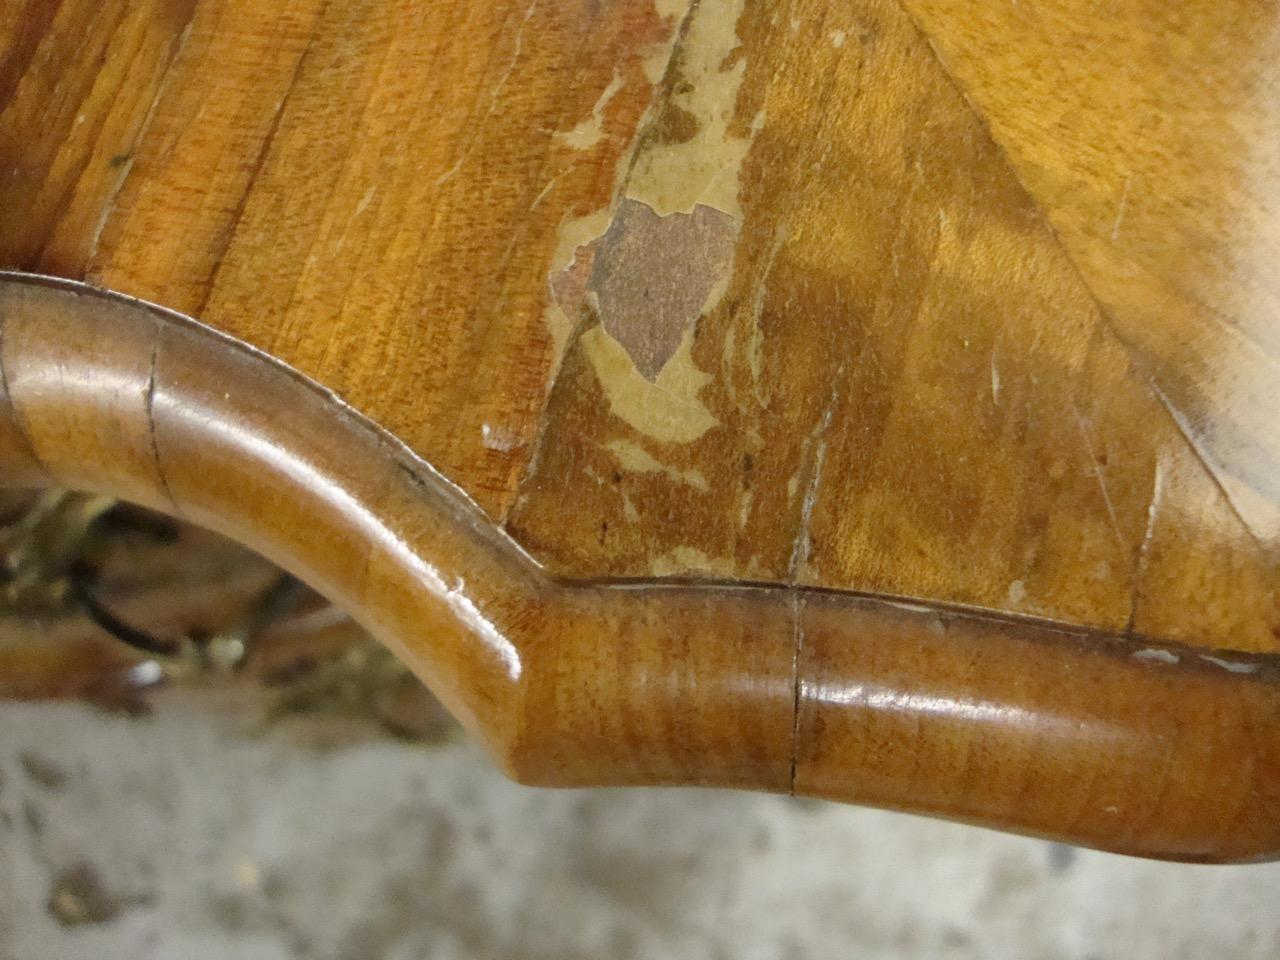 barockkommode nussbaum mit messingbeschl gen tischlerei hamburg tischlerei holzwerkstatt. Black Bedroom Furniture Sets. Home Design Ideas